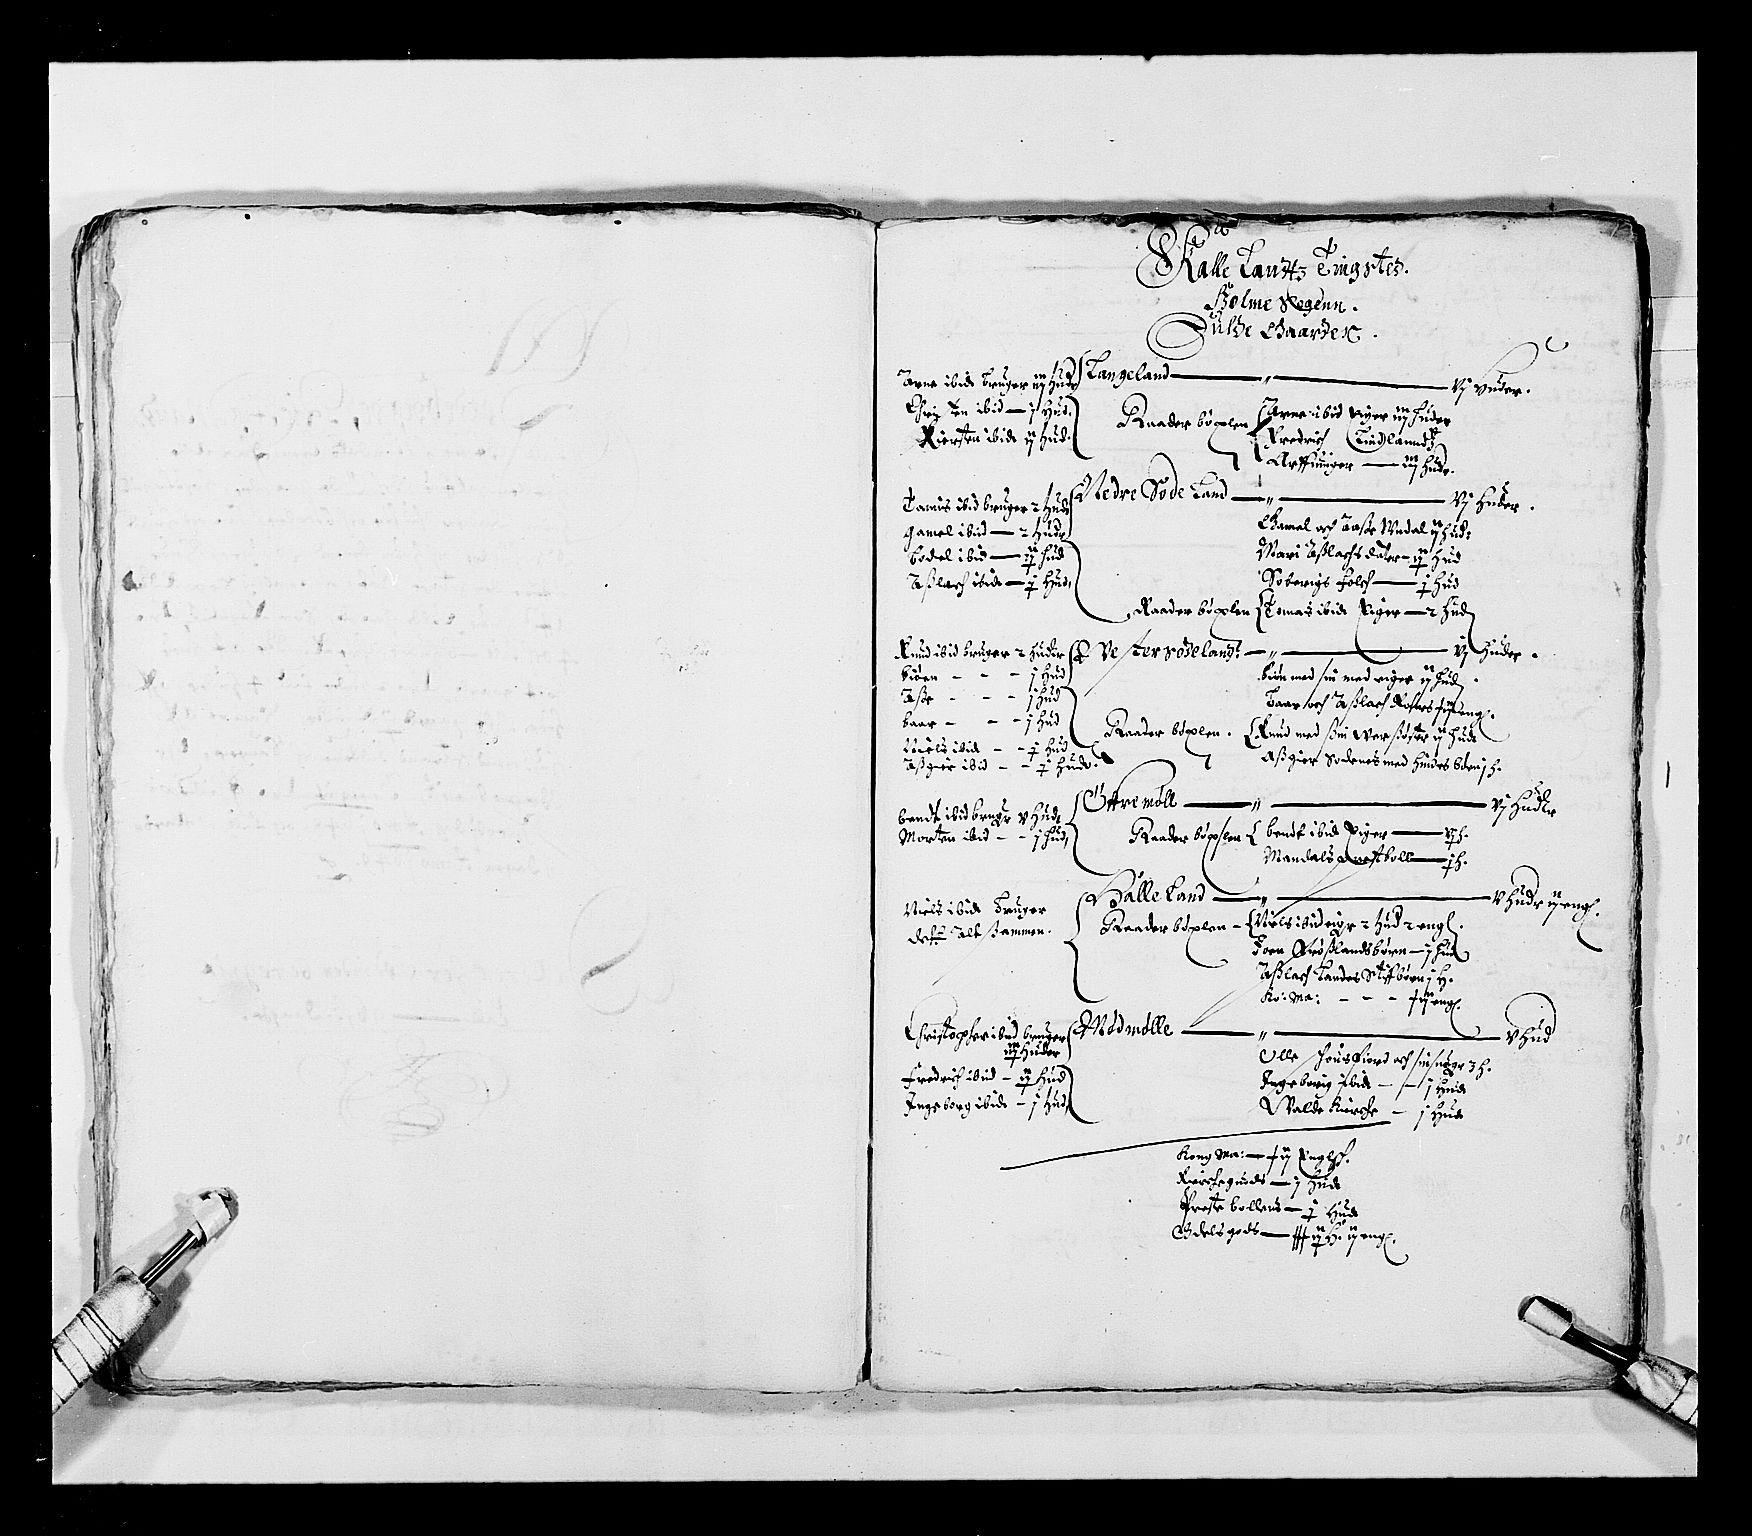 RA, Stattholderembetet 1572-1771, Ek/L0023: Jordebøker 1633-1658:, 1648-1649, s. 52